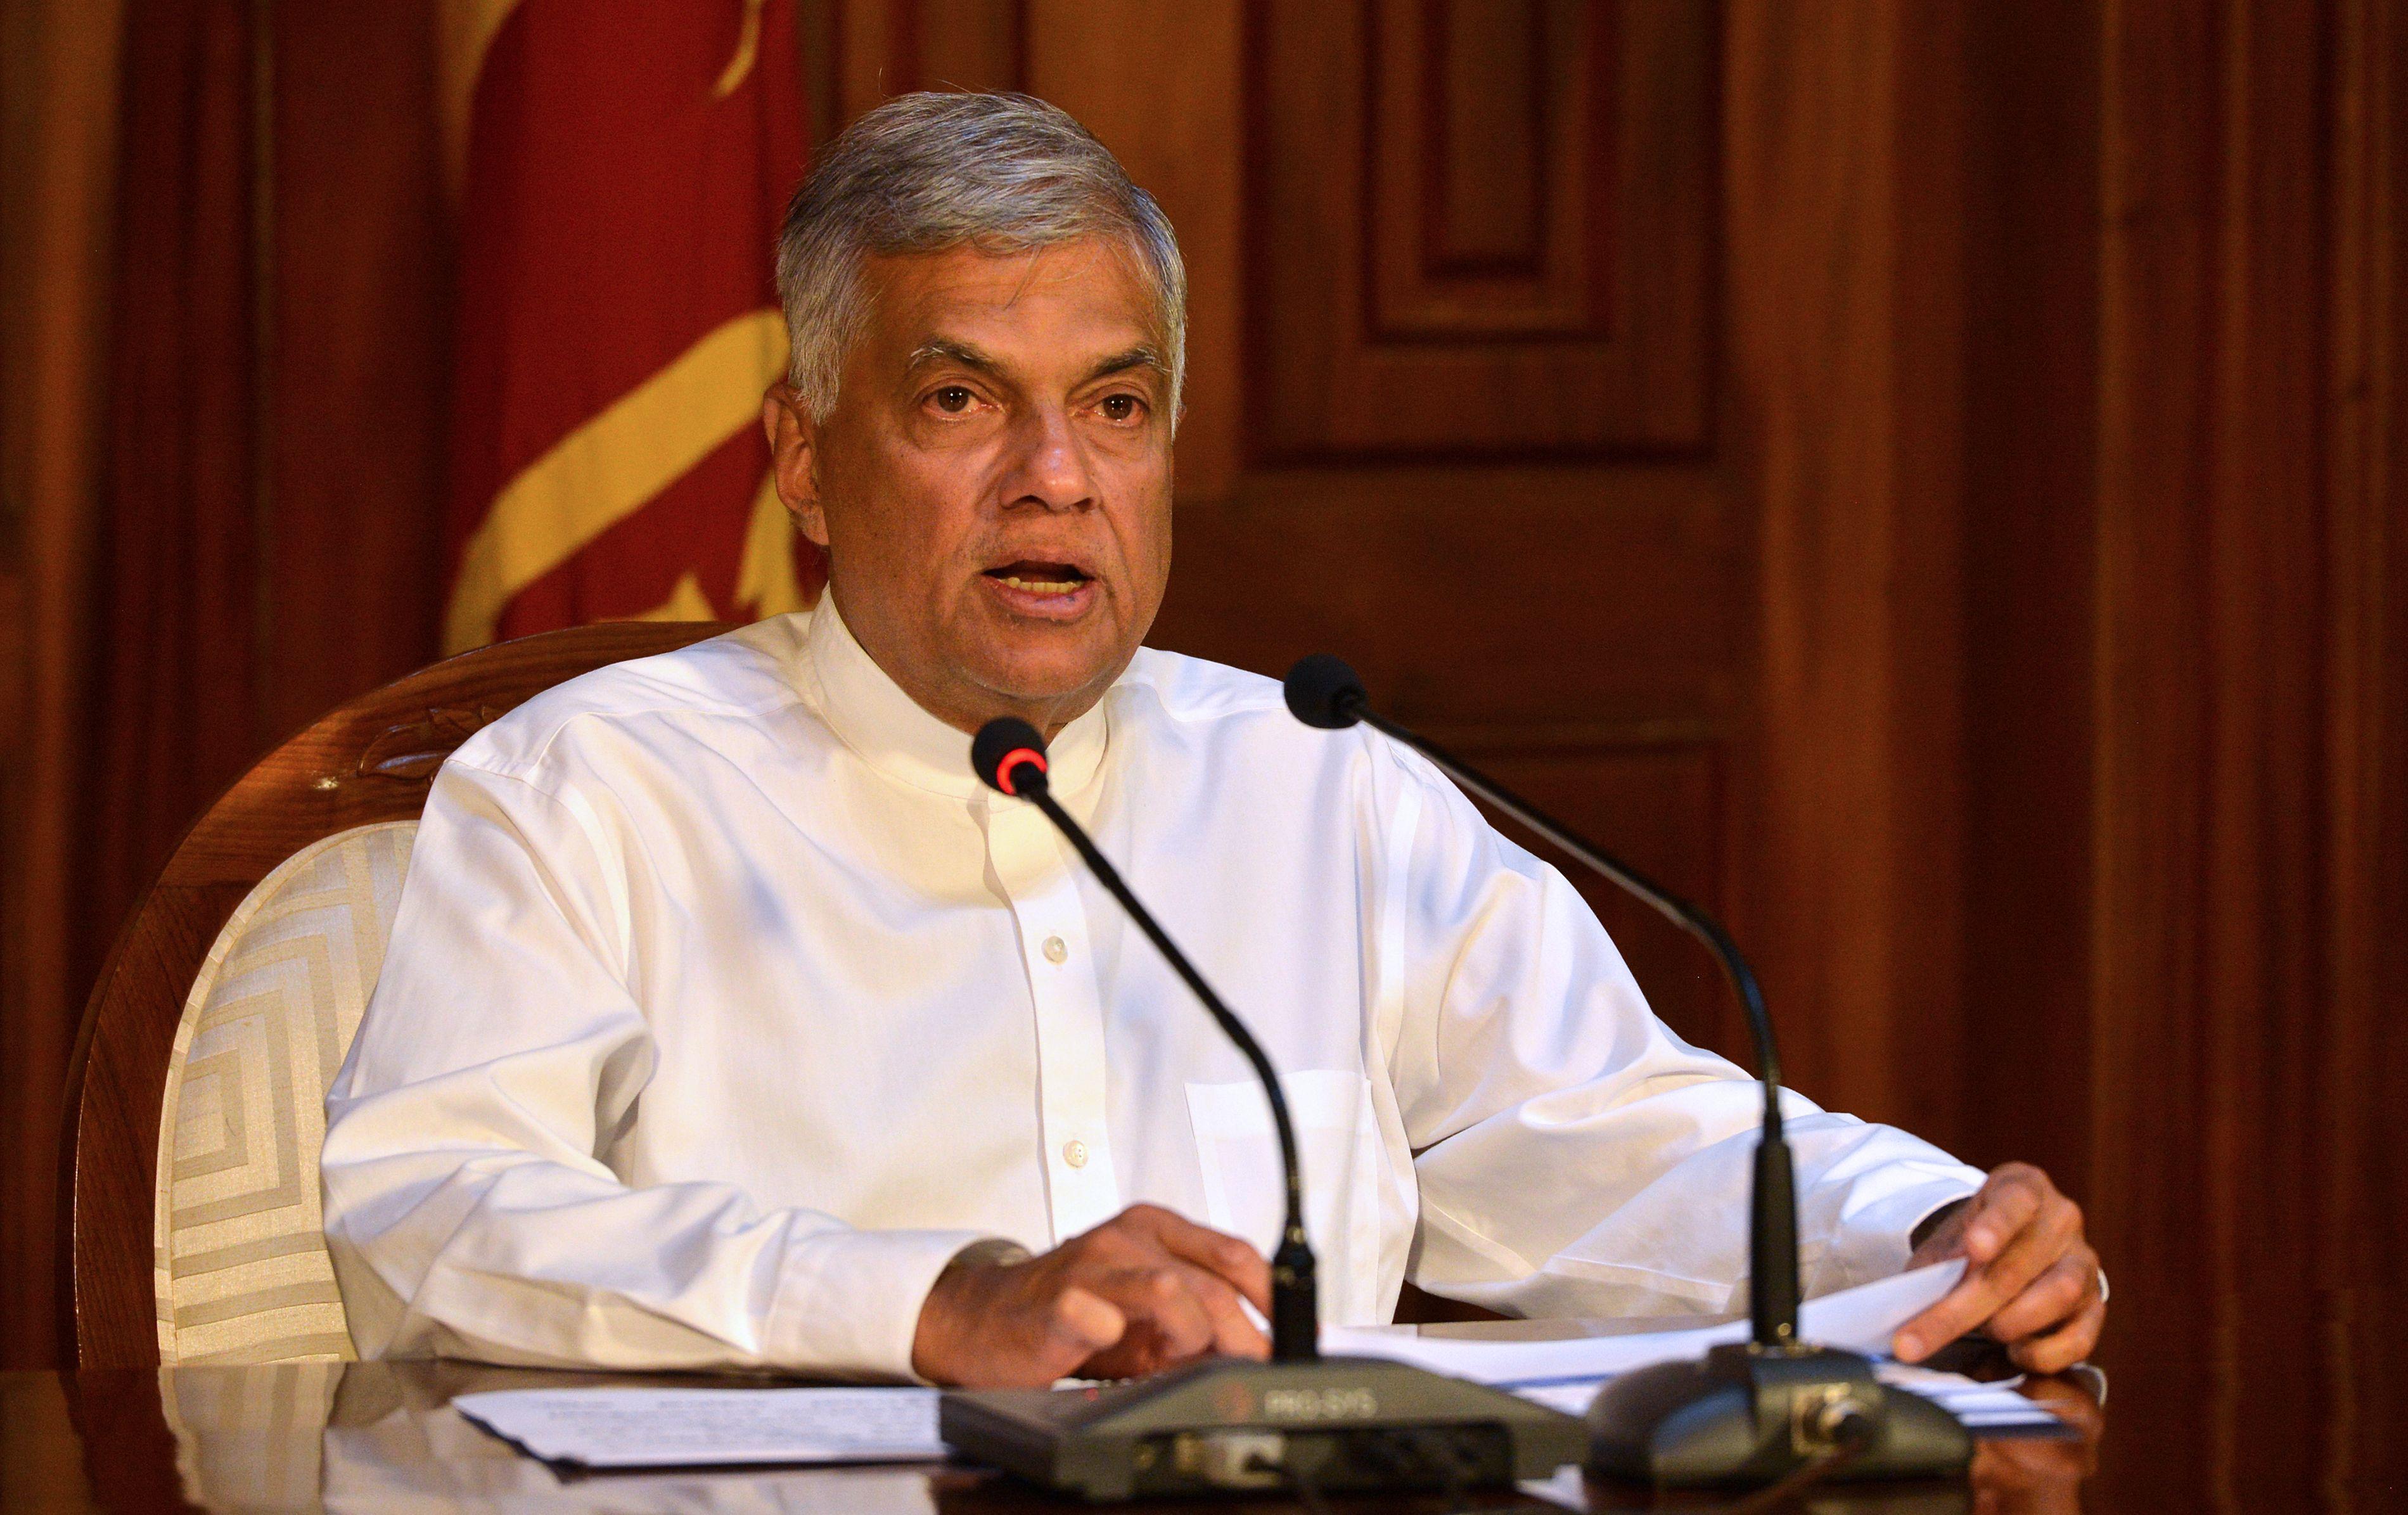 總理拉尼爾·維克勒馬辛哈(Ranil Wickremesinghe)擔心暴力事件可能引發該國社會及經濟的不穩定。(ISHARA S. KODIKARA/AFP/Getty Images)